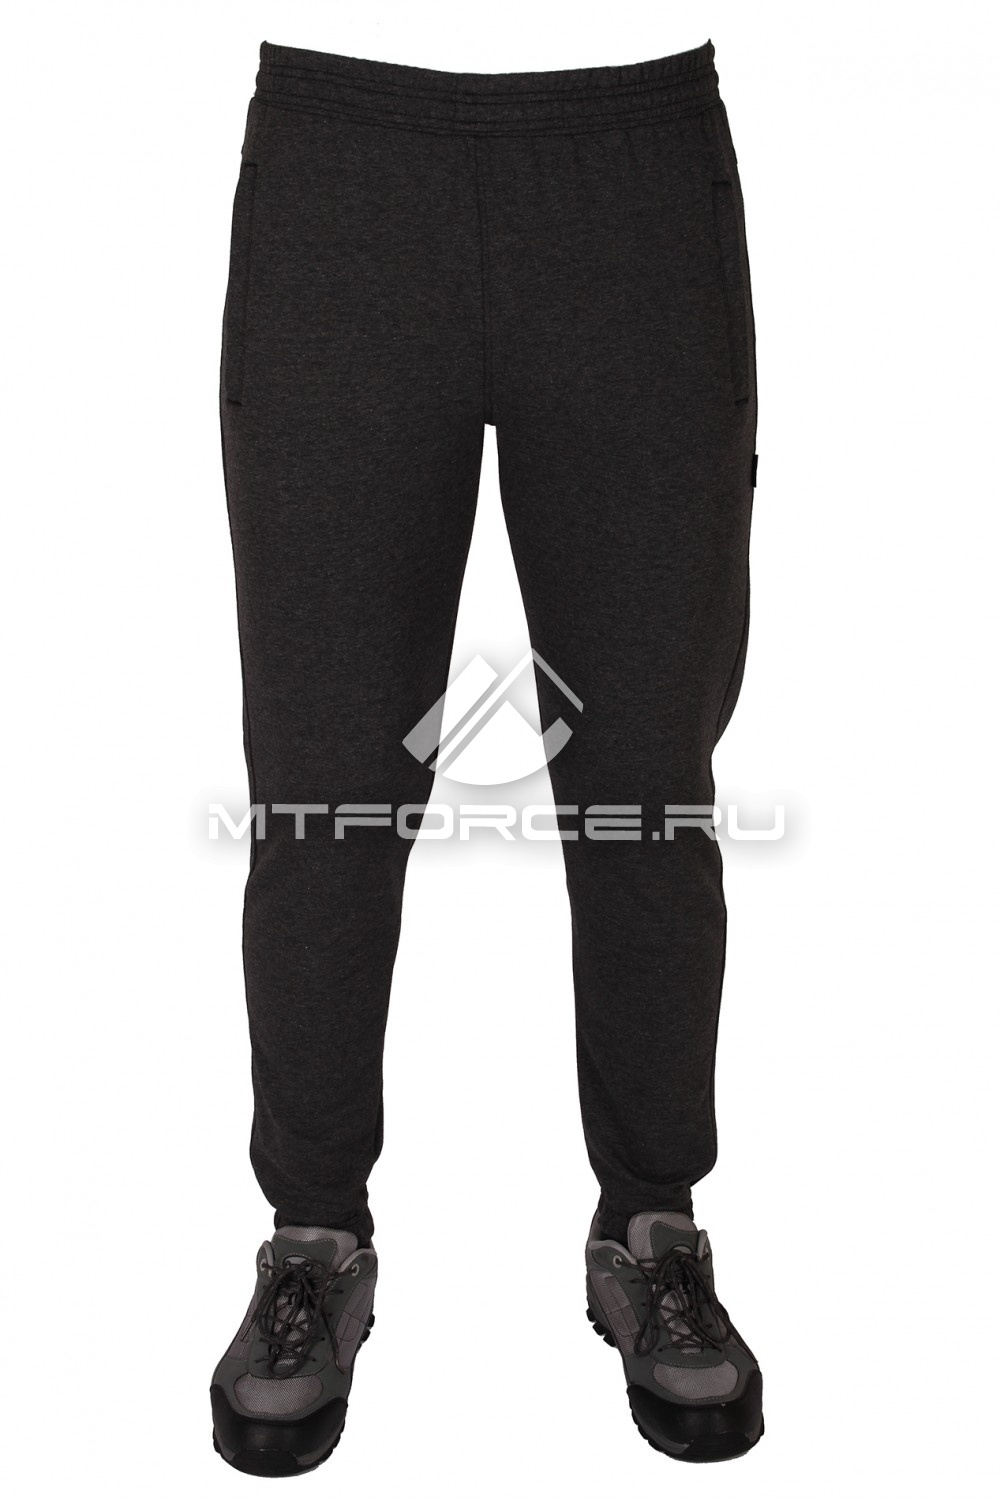 Купить                                  оптом Брюки трикотажные мужские темно-серого цвета 1097TC